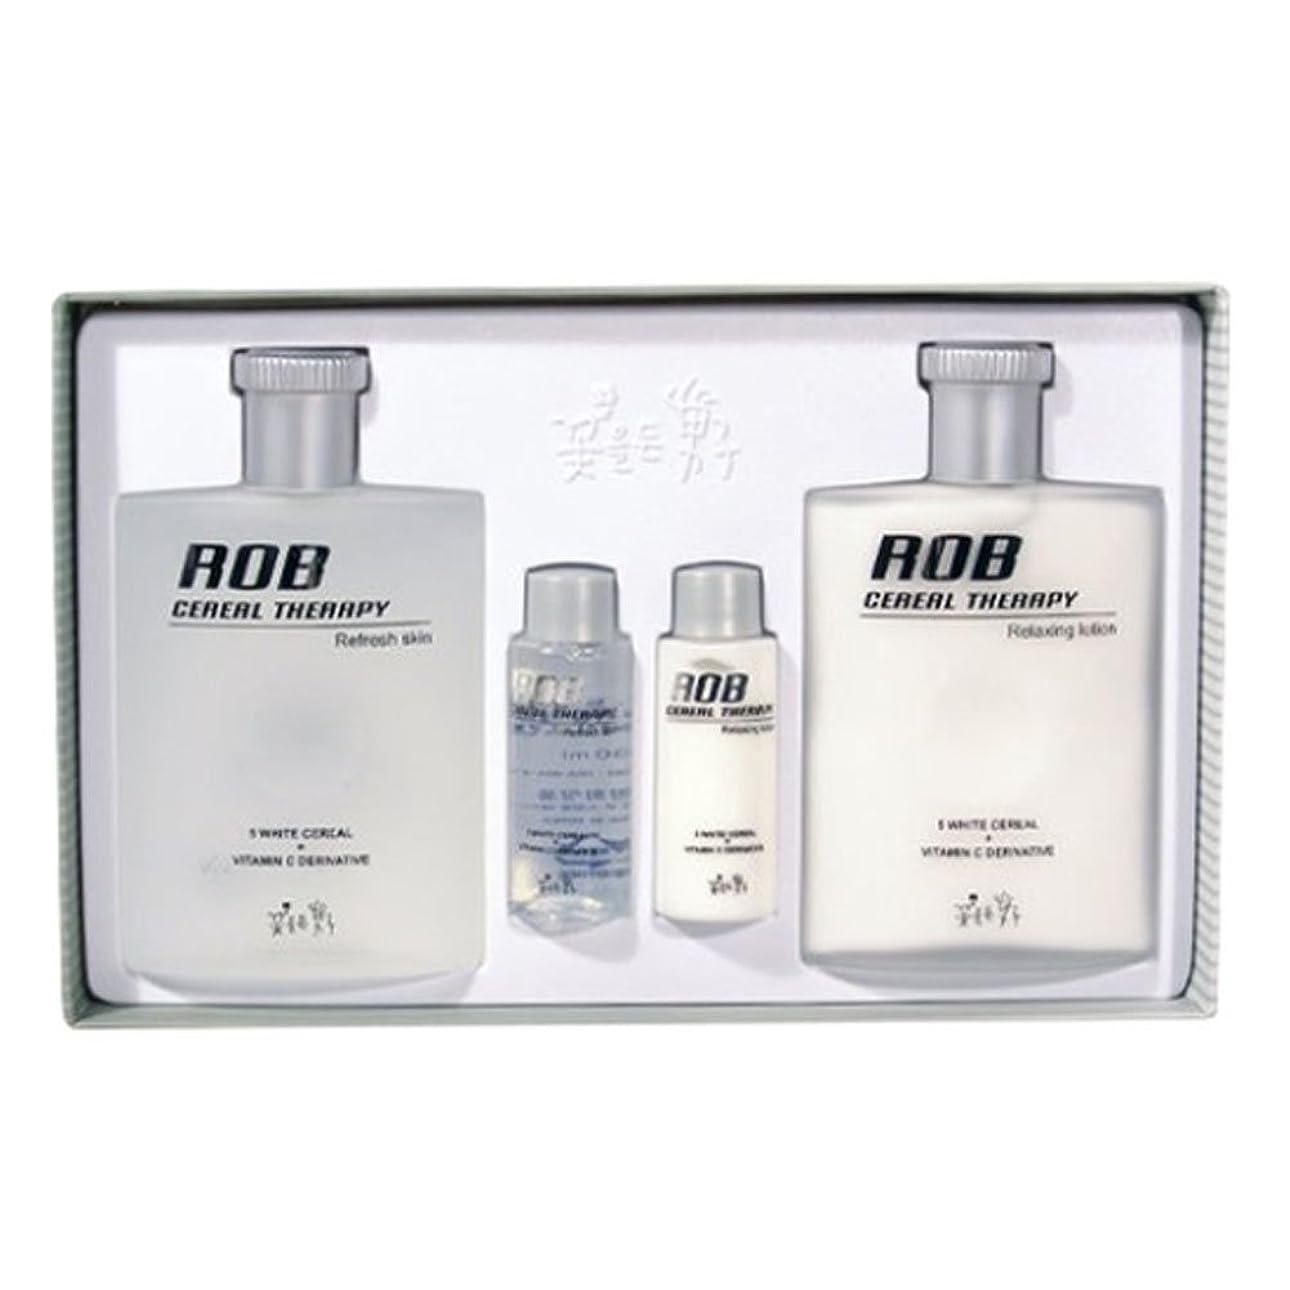 粘り強いステップ意外ロブ?シリアルセラピースキン(160+30ml)ローション(160+30ml)、男性用化粧品、ROB Cereal Therapy Skin(160+30ml) Lotion(160+30ml) Men's Cosmetics [並行輸入品]